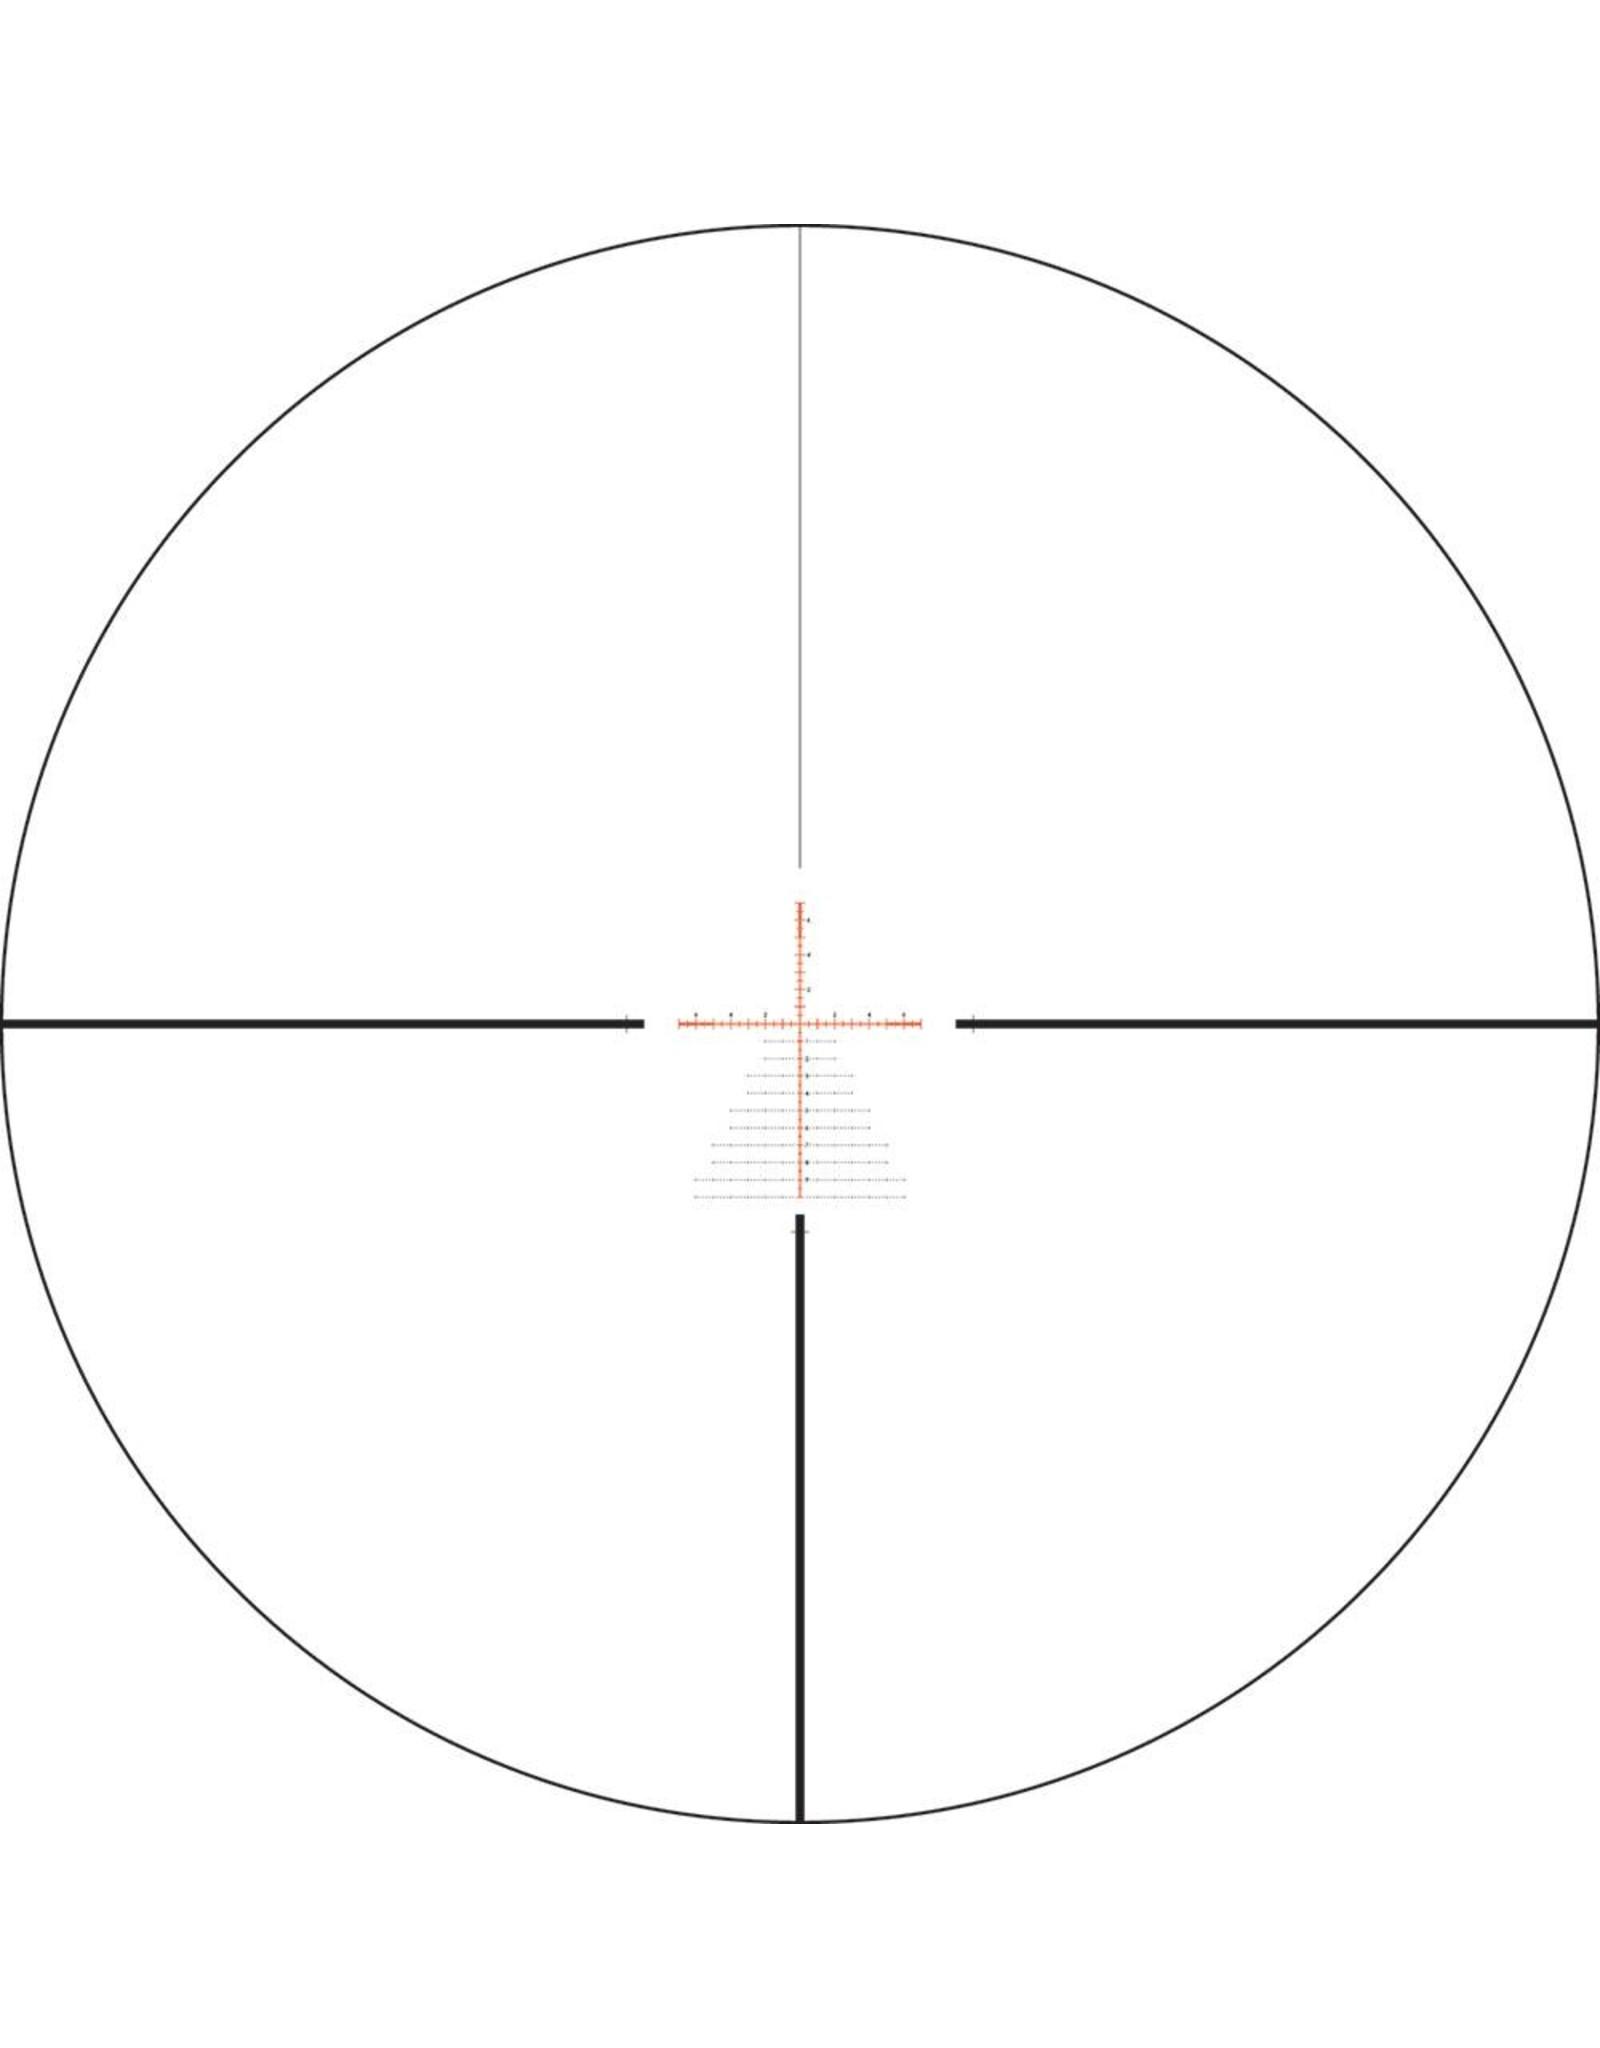 Vortex Vortex Viper PST 5-25x50 FFP Riflescope with EBR-2C MRAD